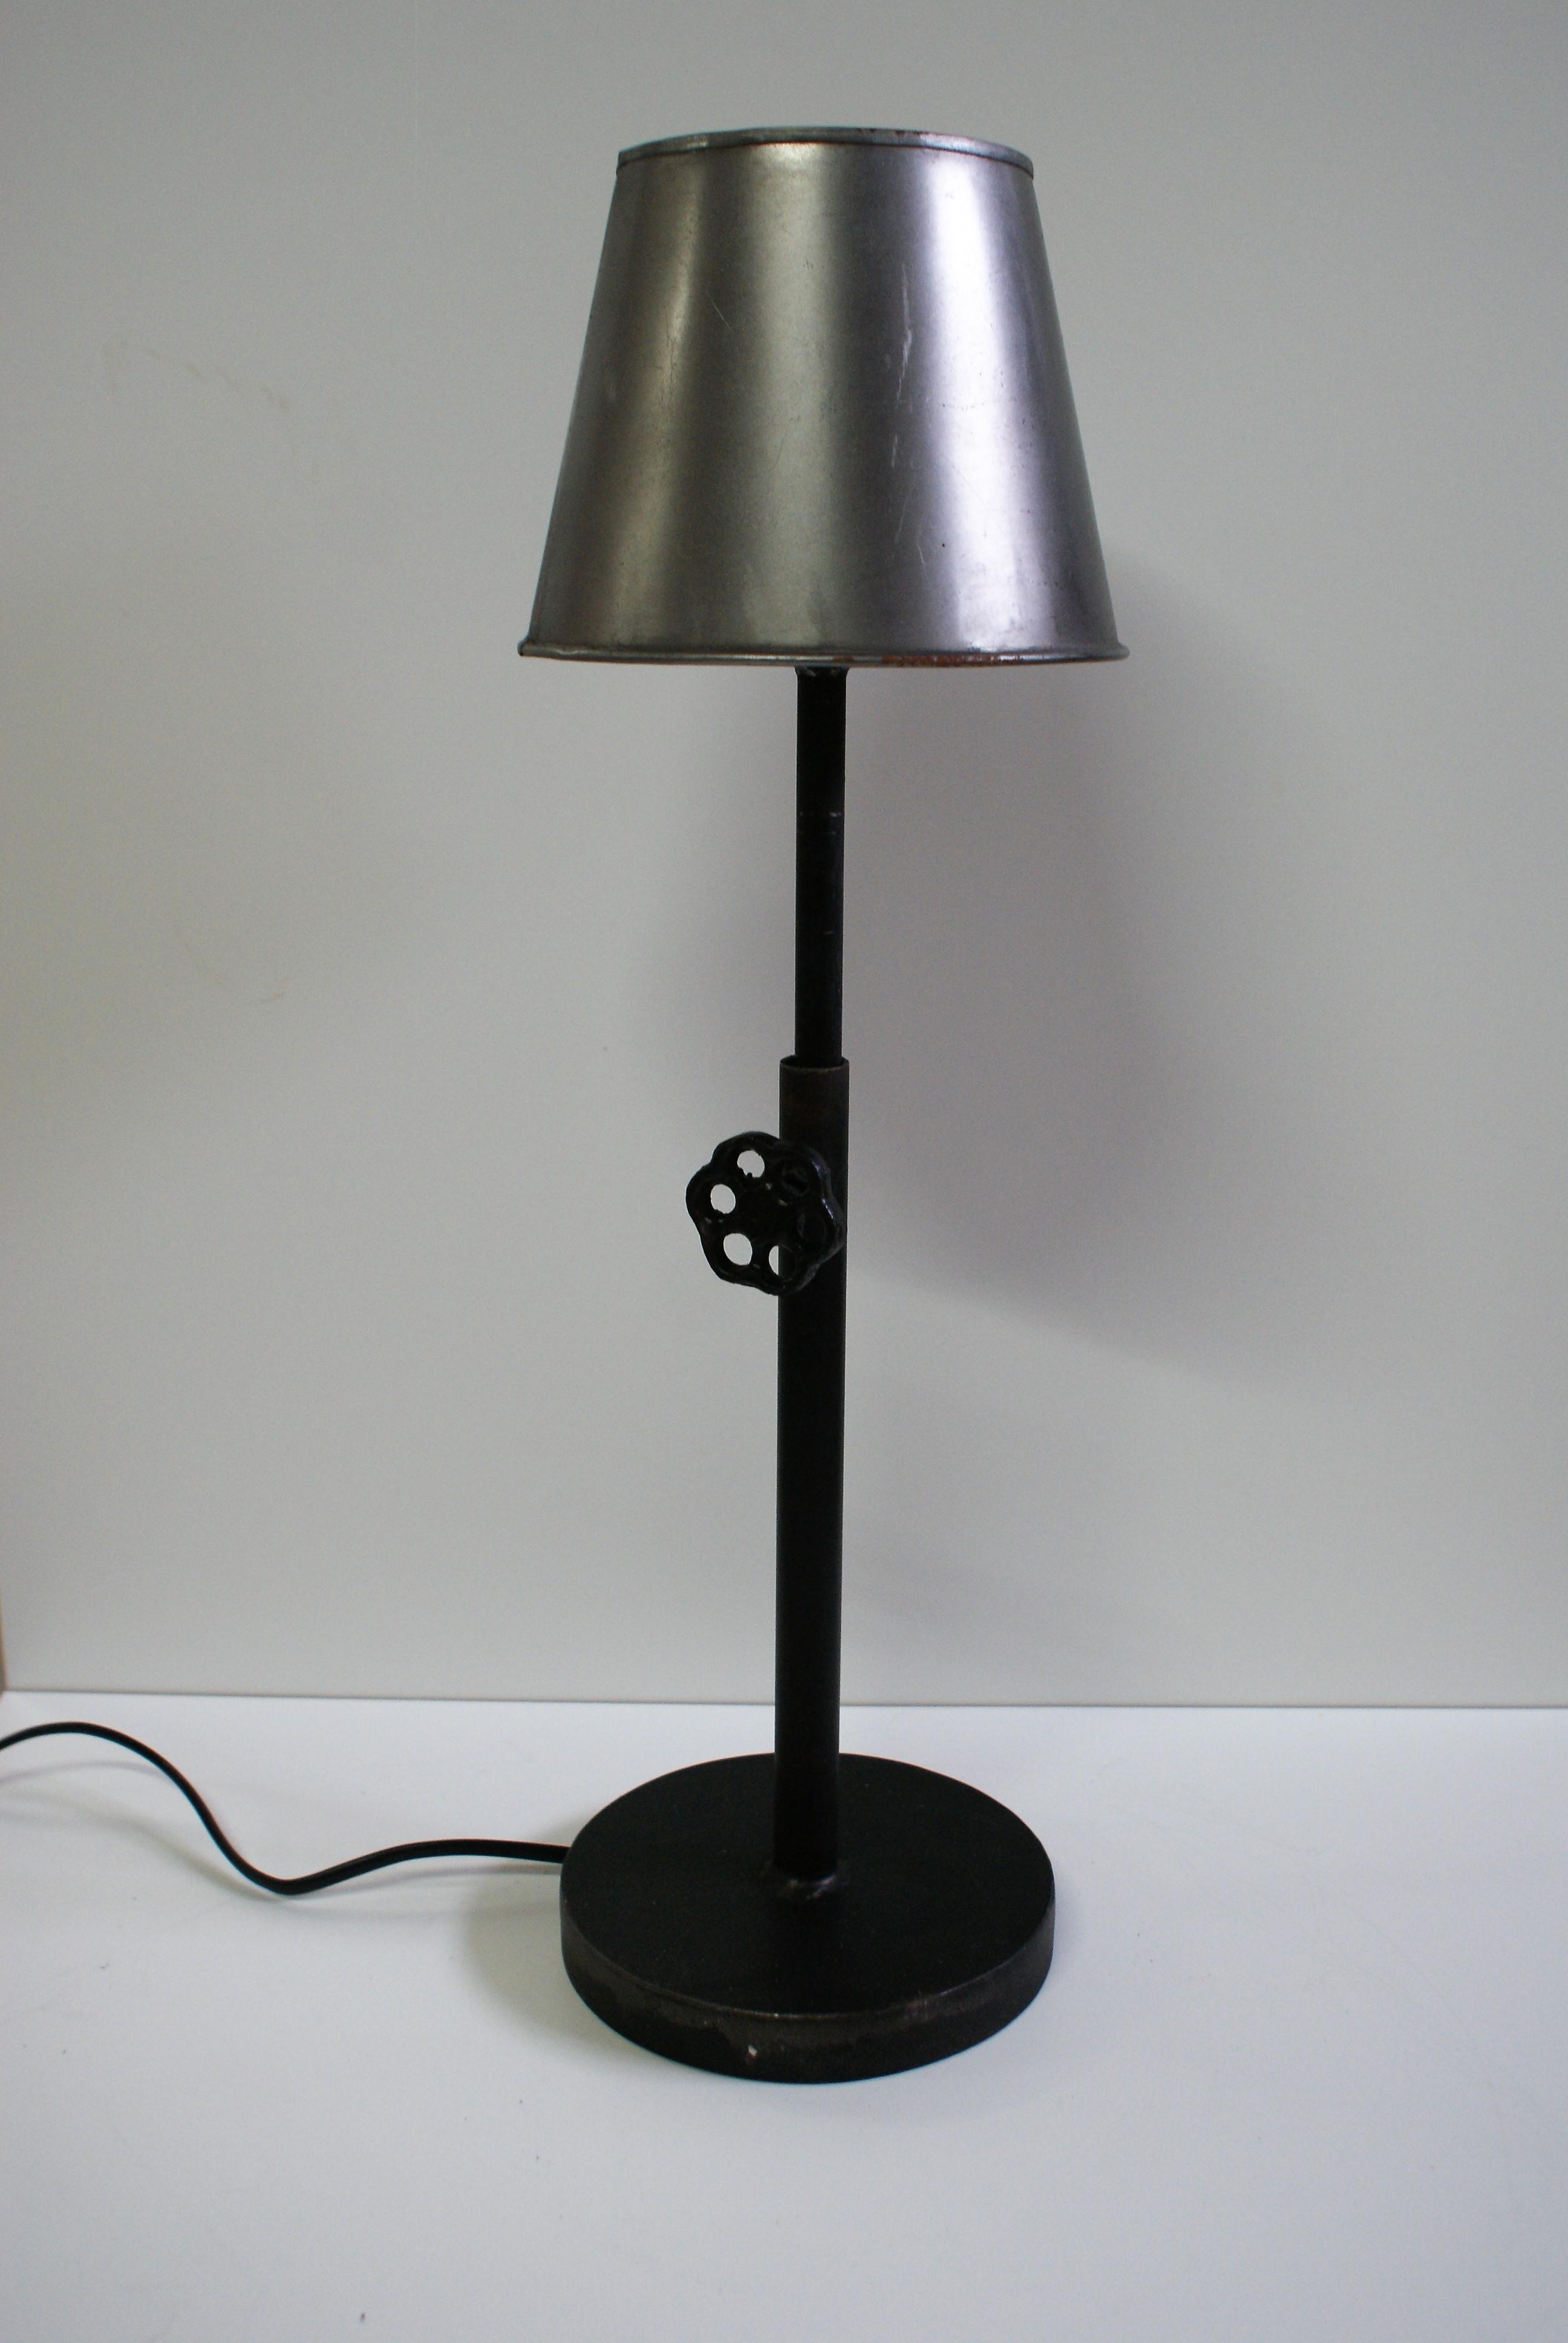 industri le schemerlamp industri le lampen koopt u bij